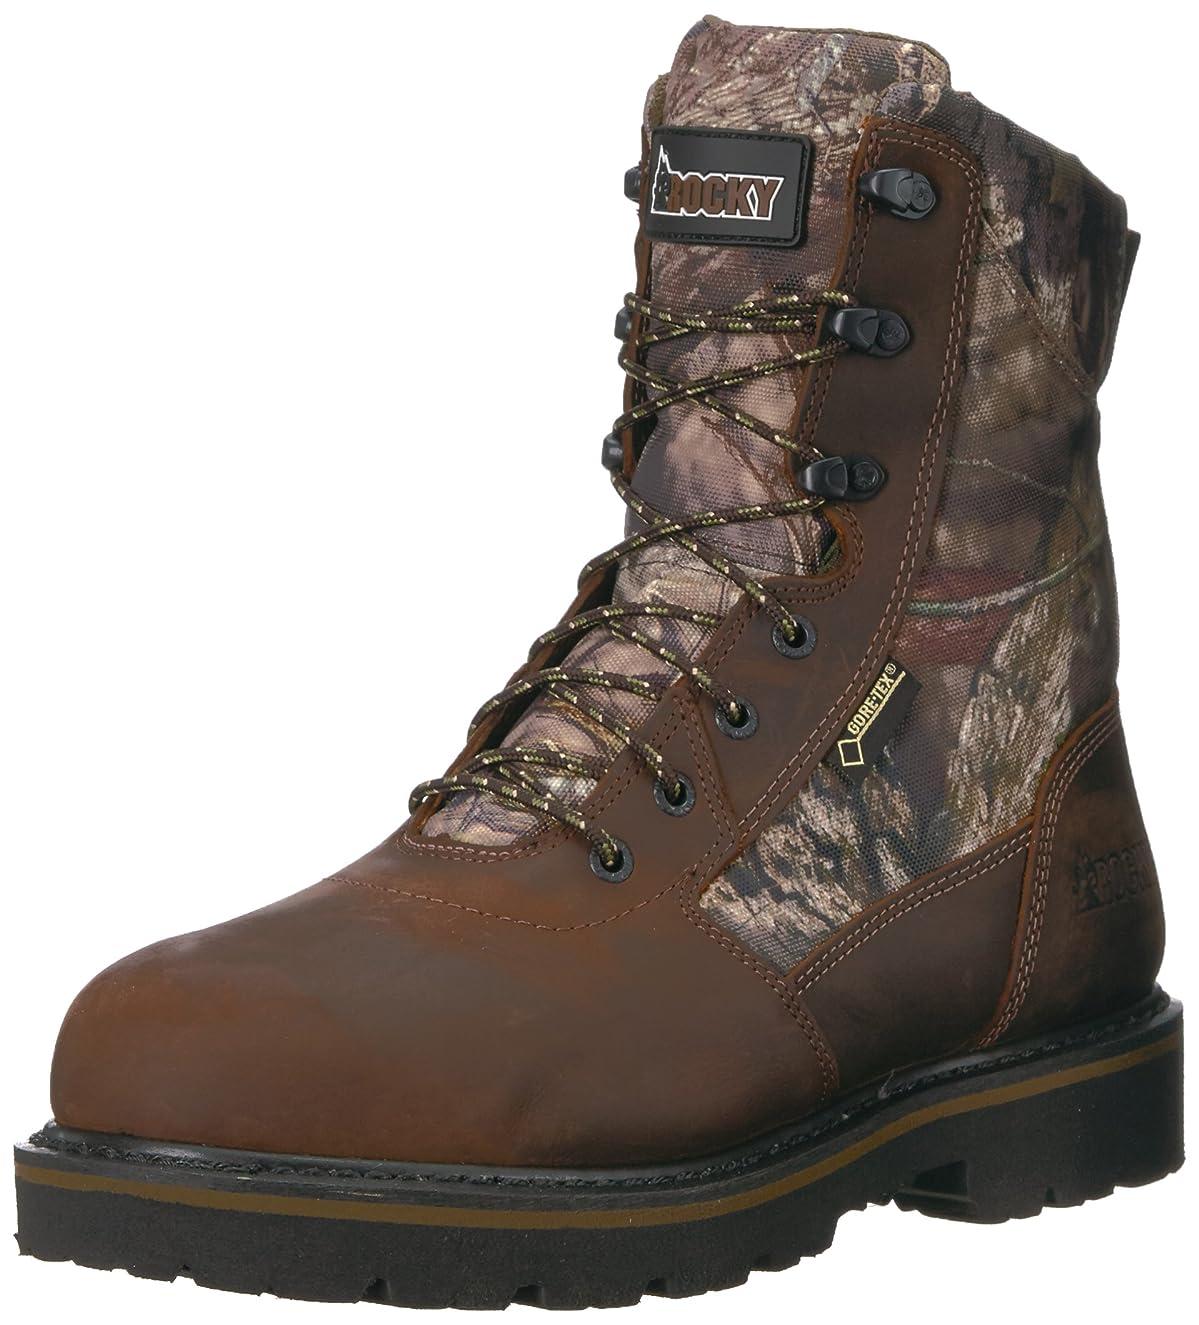 da46fad55b3 Bates Men's Srt Low Work Boot dtkiw285498 - tembredecarteret.com